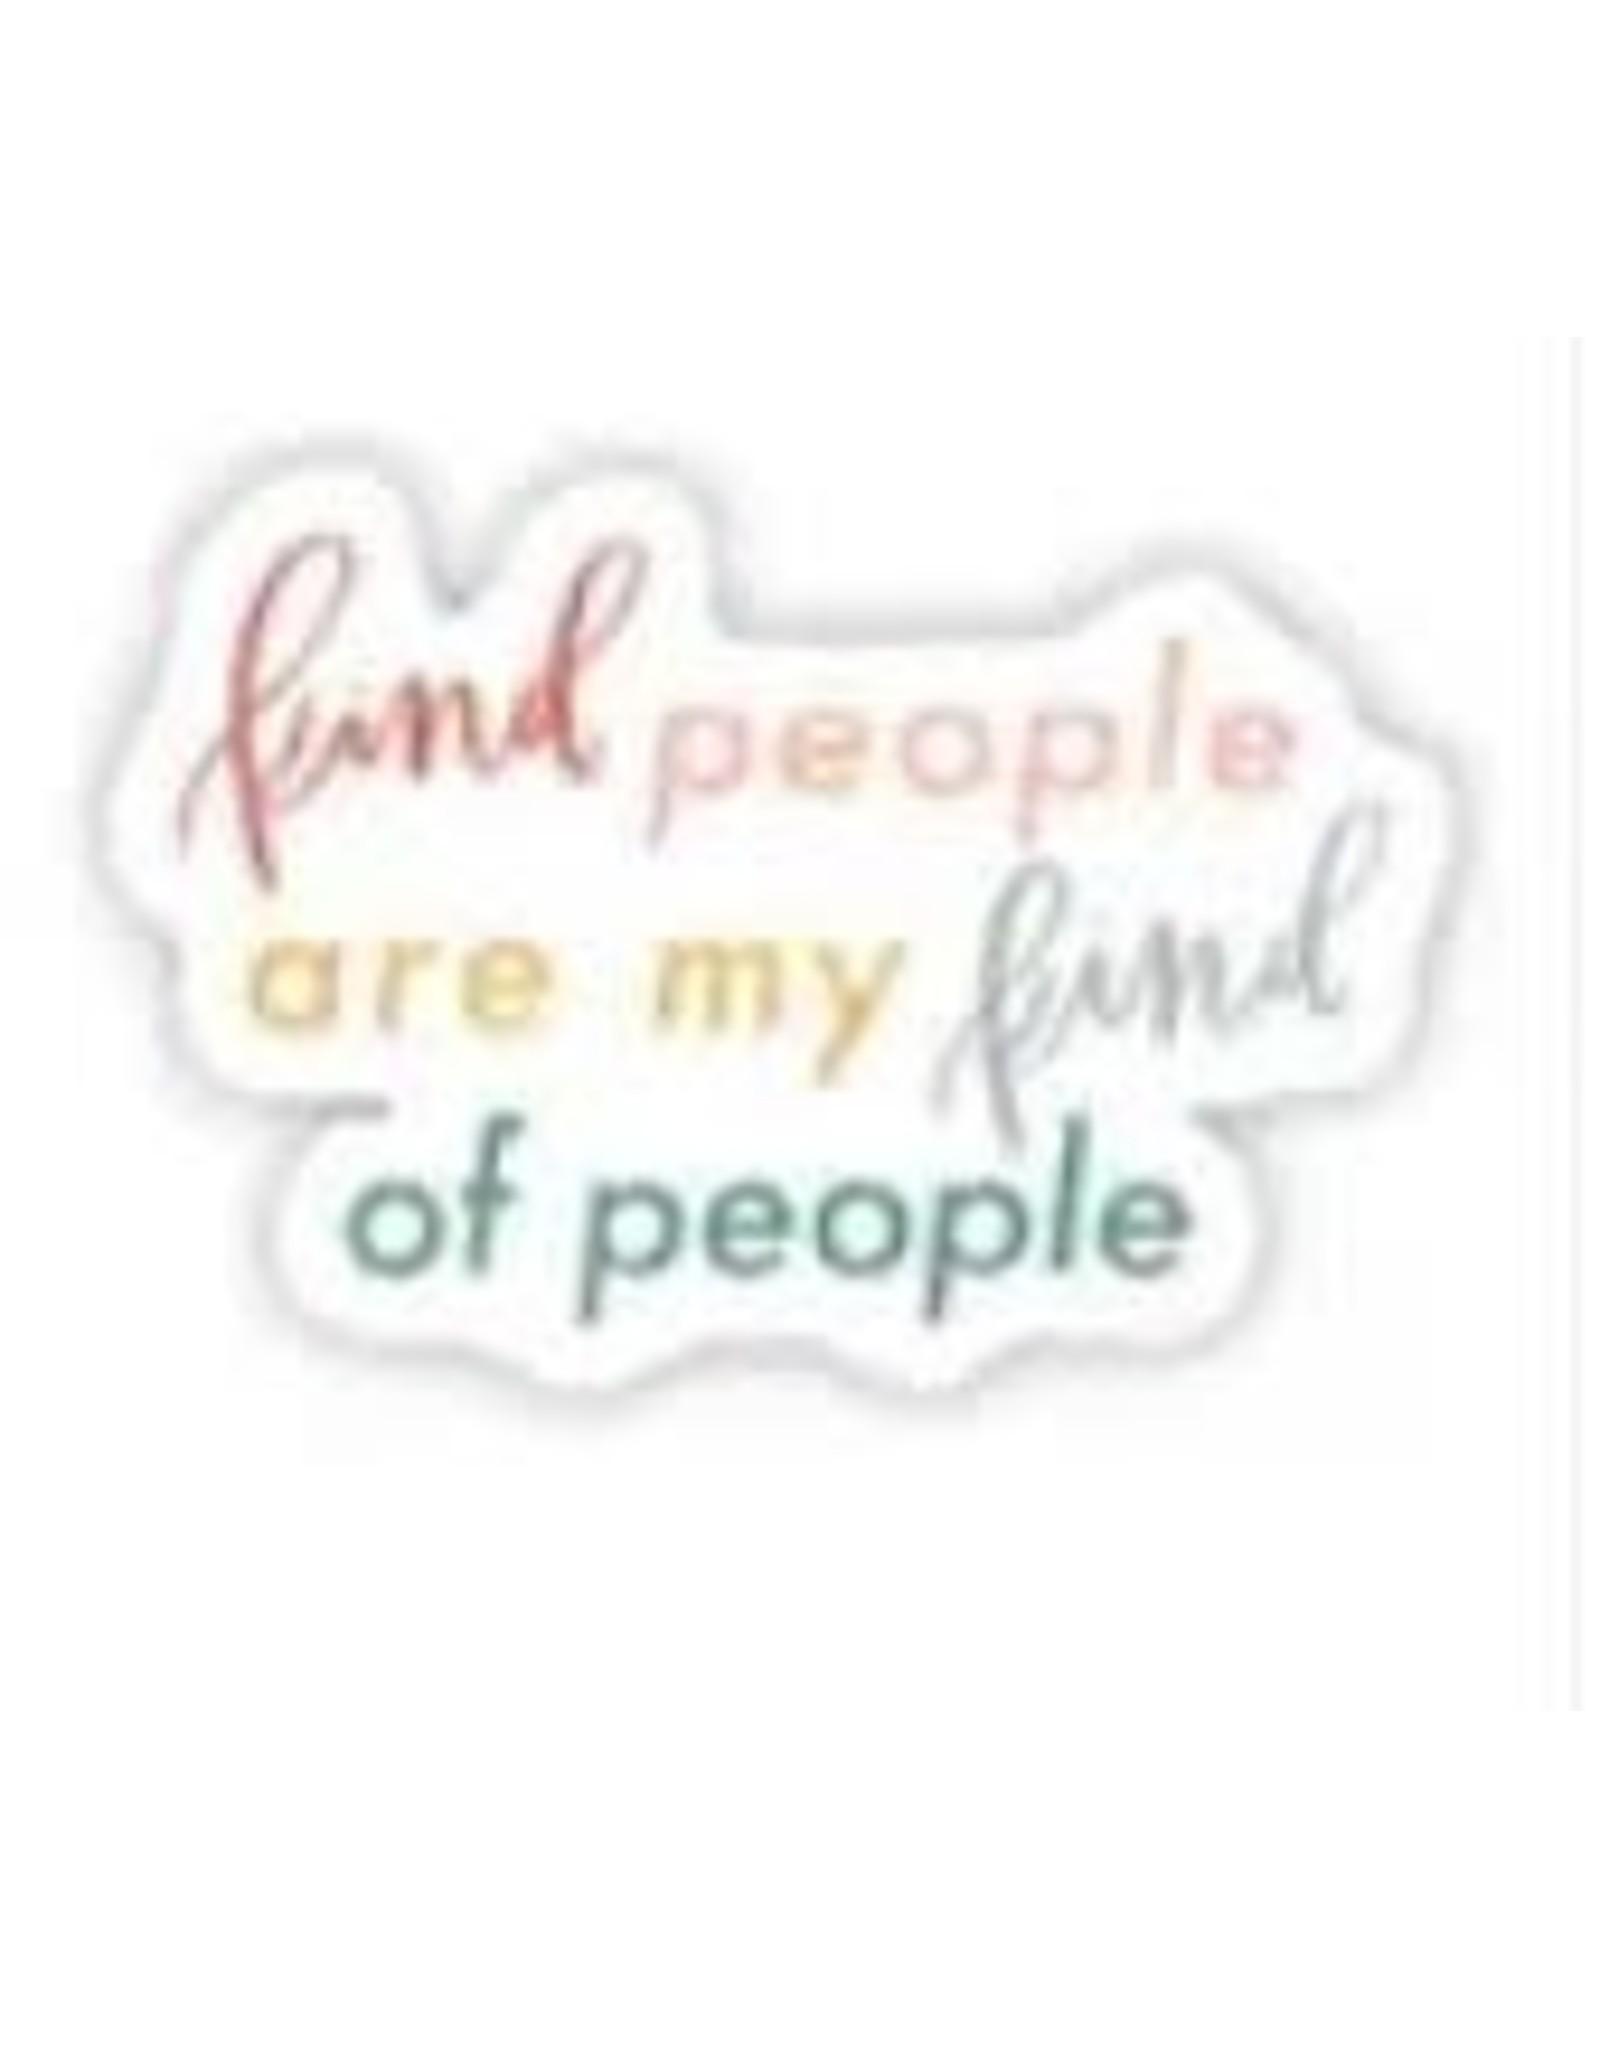 BIG MOODS KIND PEOPLE ARE MY KIND OF PEOPLE STICKER